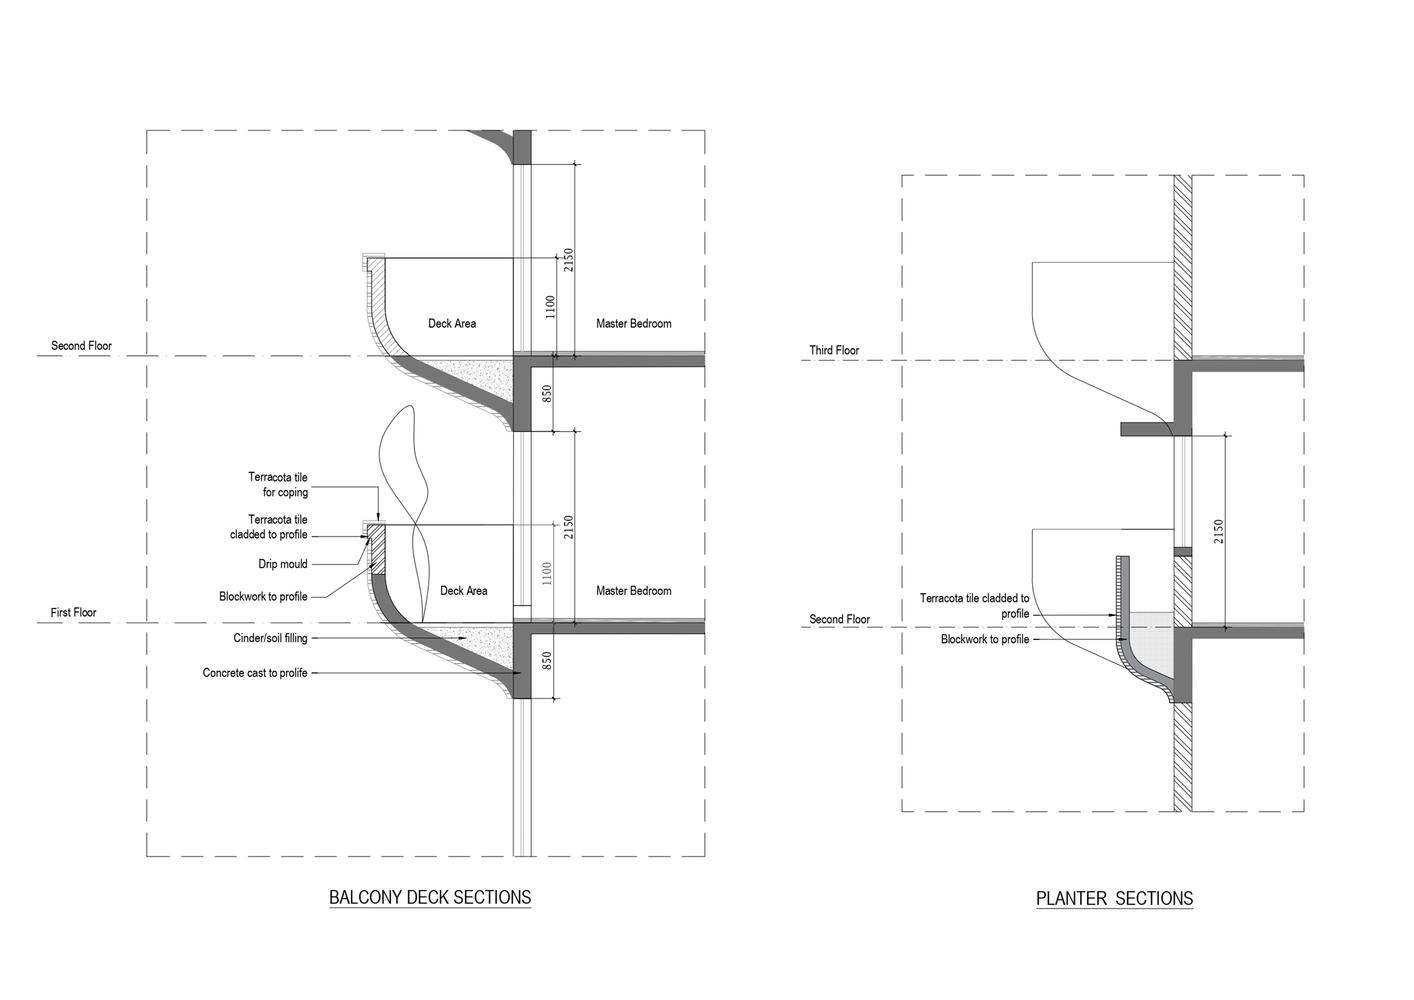 Hình ảnh sơ đồ thiết kế ban công tòa chung cư độc đáo.